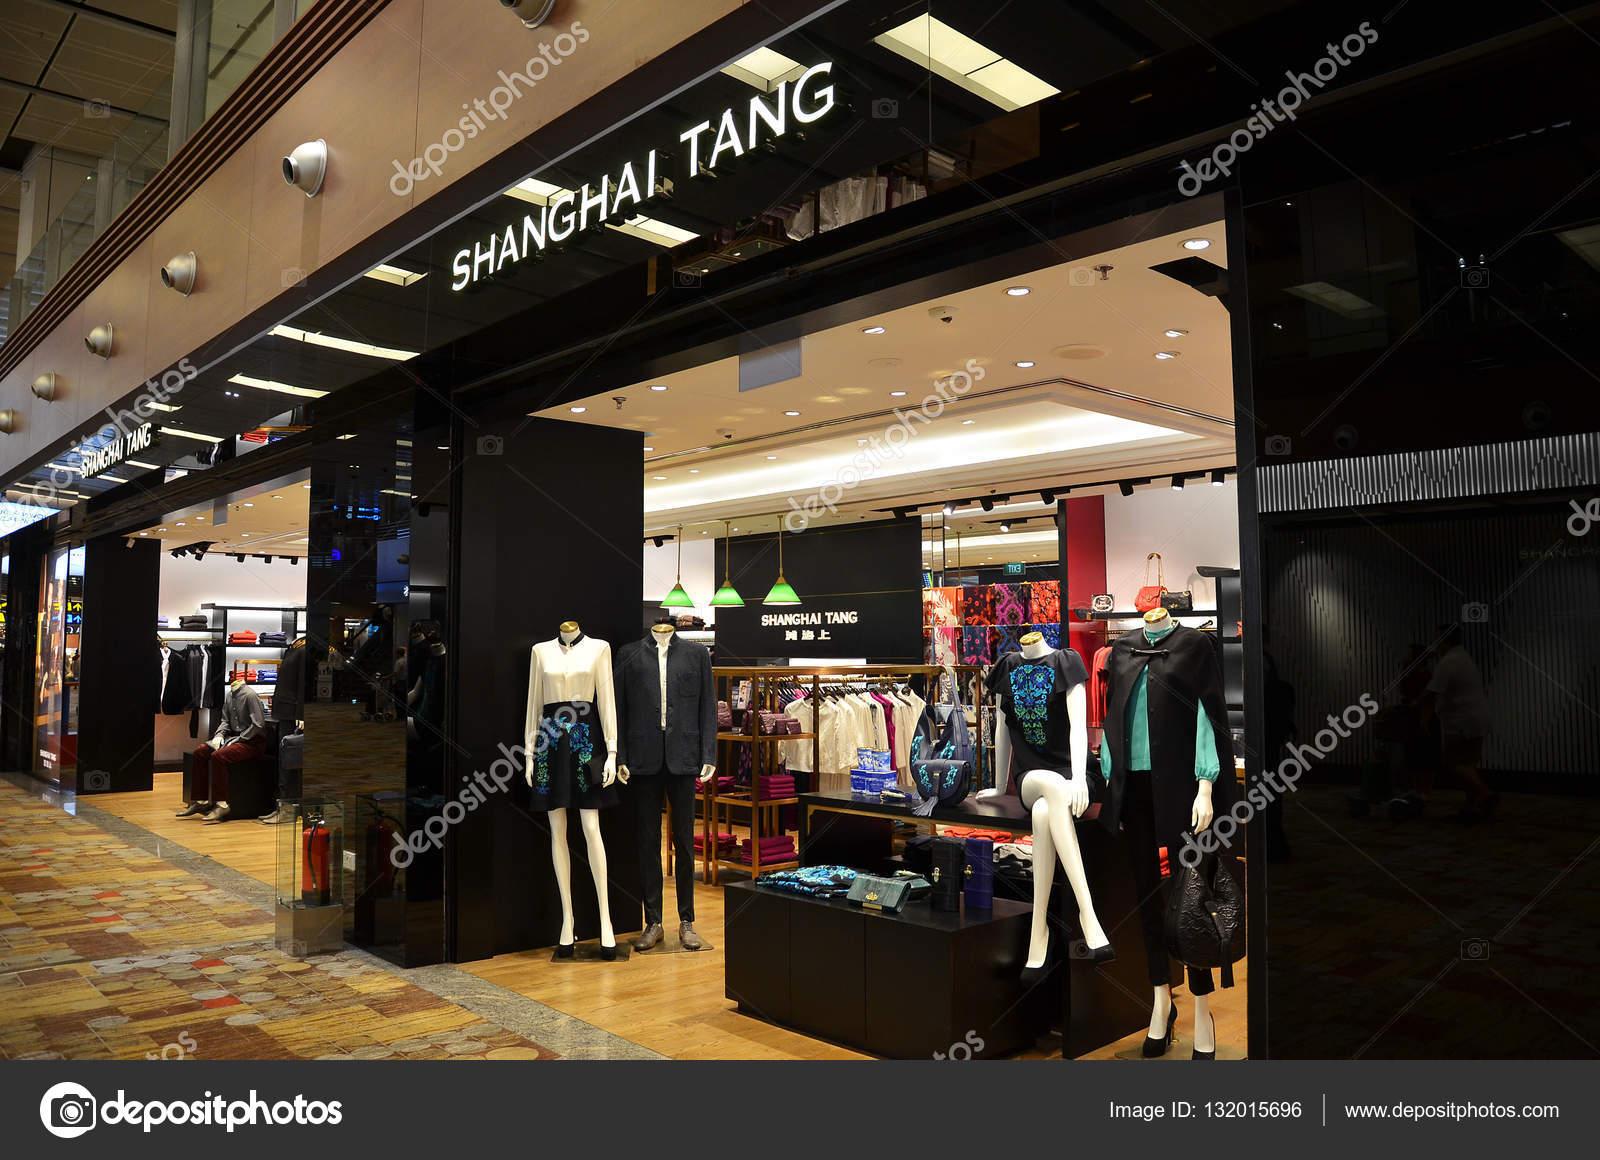 Tienda de moda Shanghai Tang dentro del aeropuerto de Changi de ...